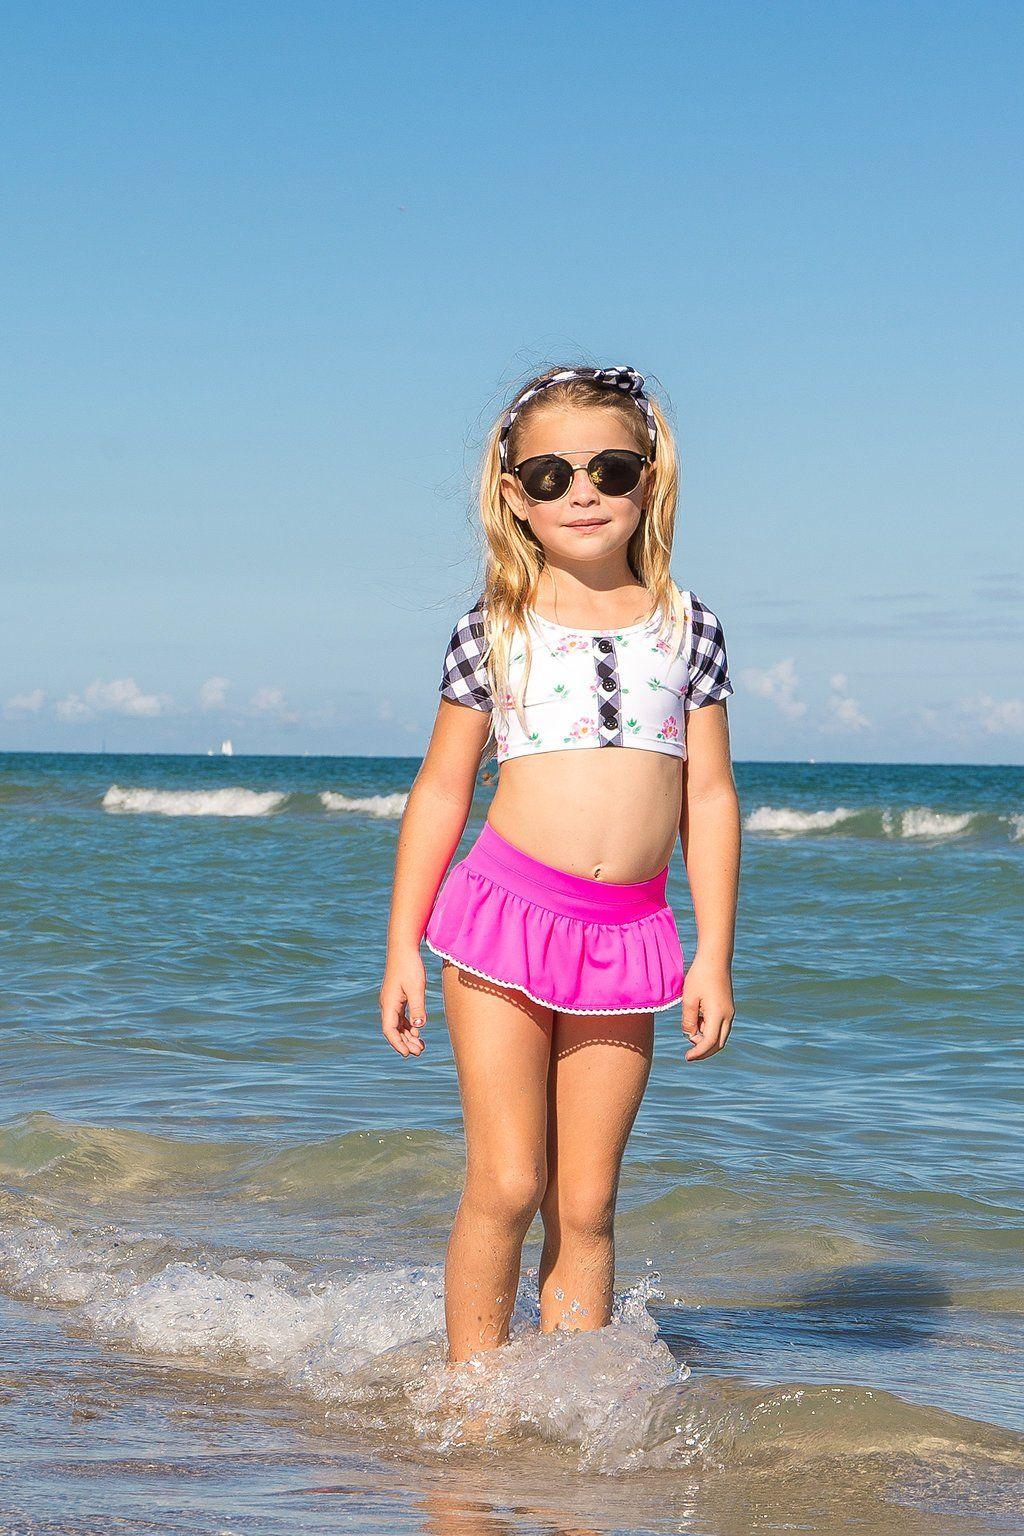 Swimwear Adaptable Baby Girls Flower Skirt Type Two Pieces Bikini 9-30 Months Baby Infant Summer Swimwear Swimming Accessories Childrens Swimwear